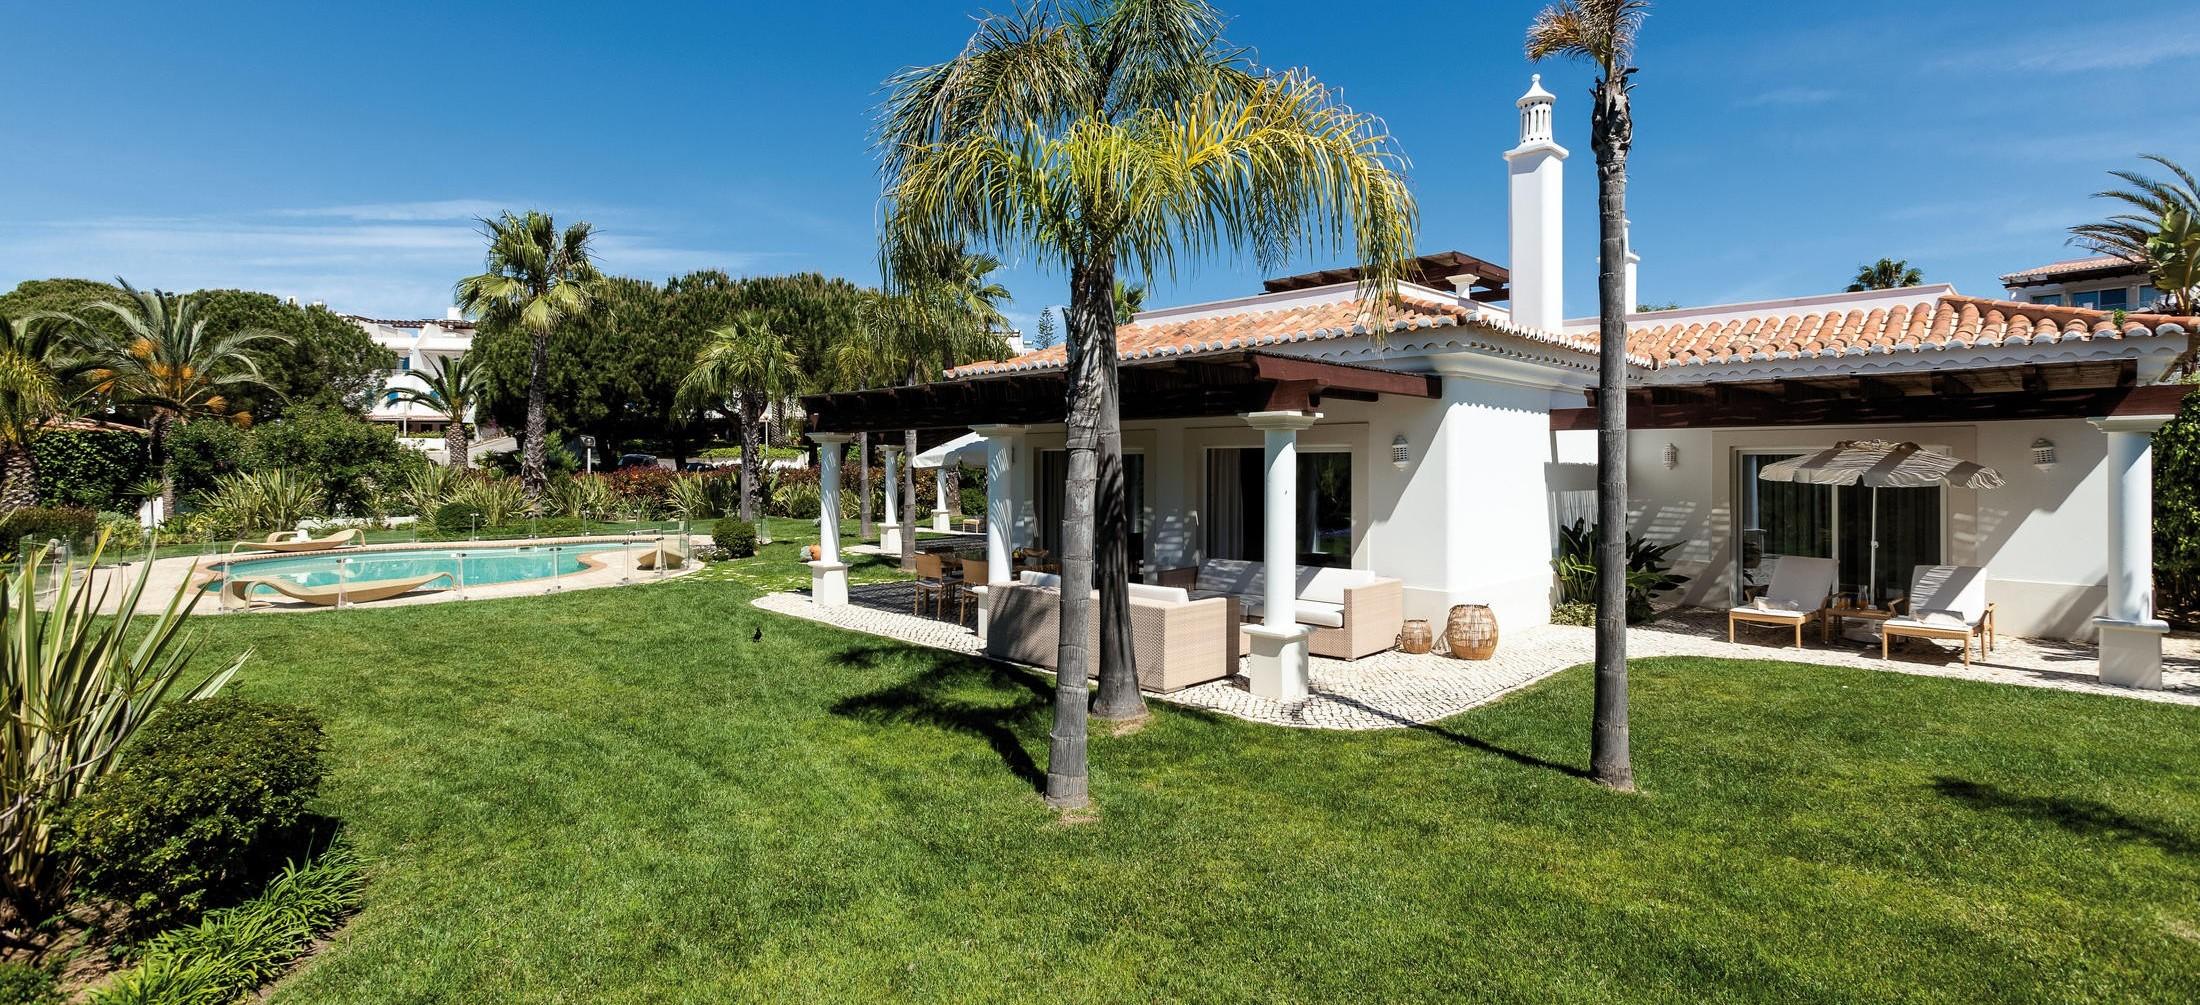 vila-vita-parc-luxury-pool-villa